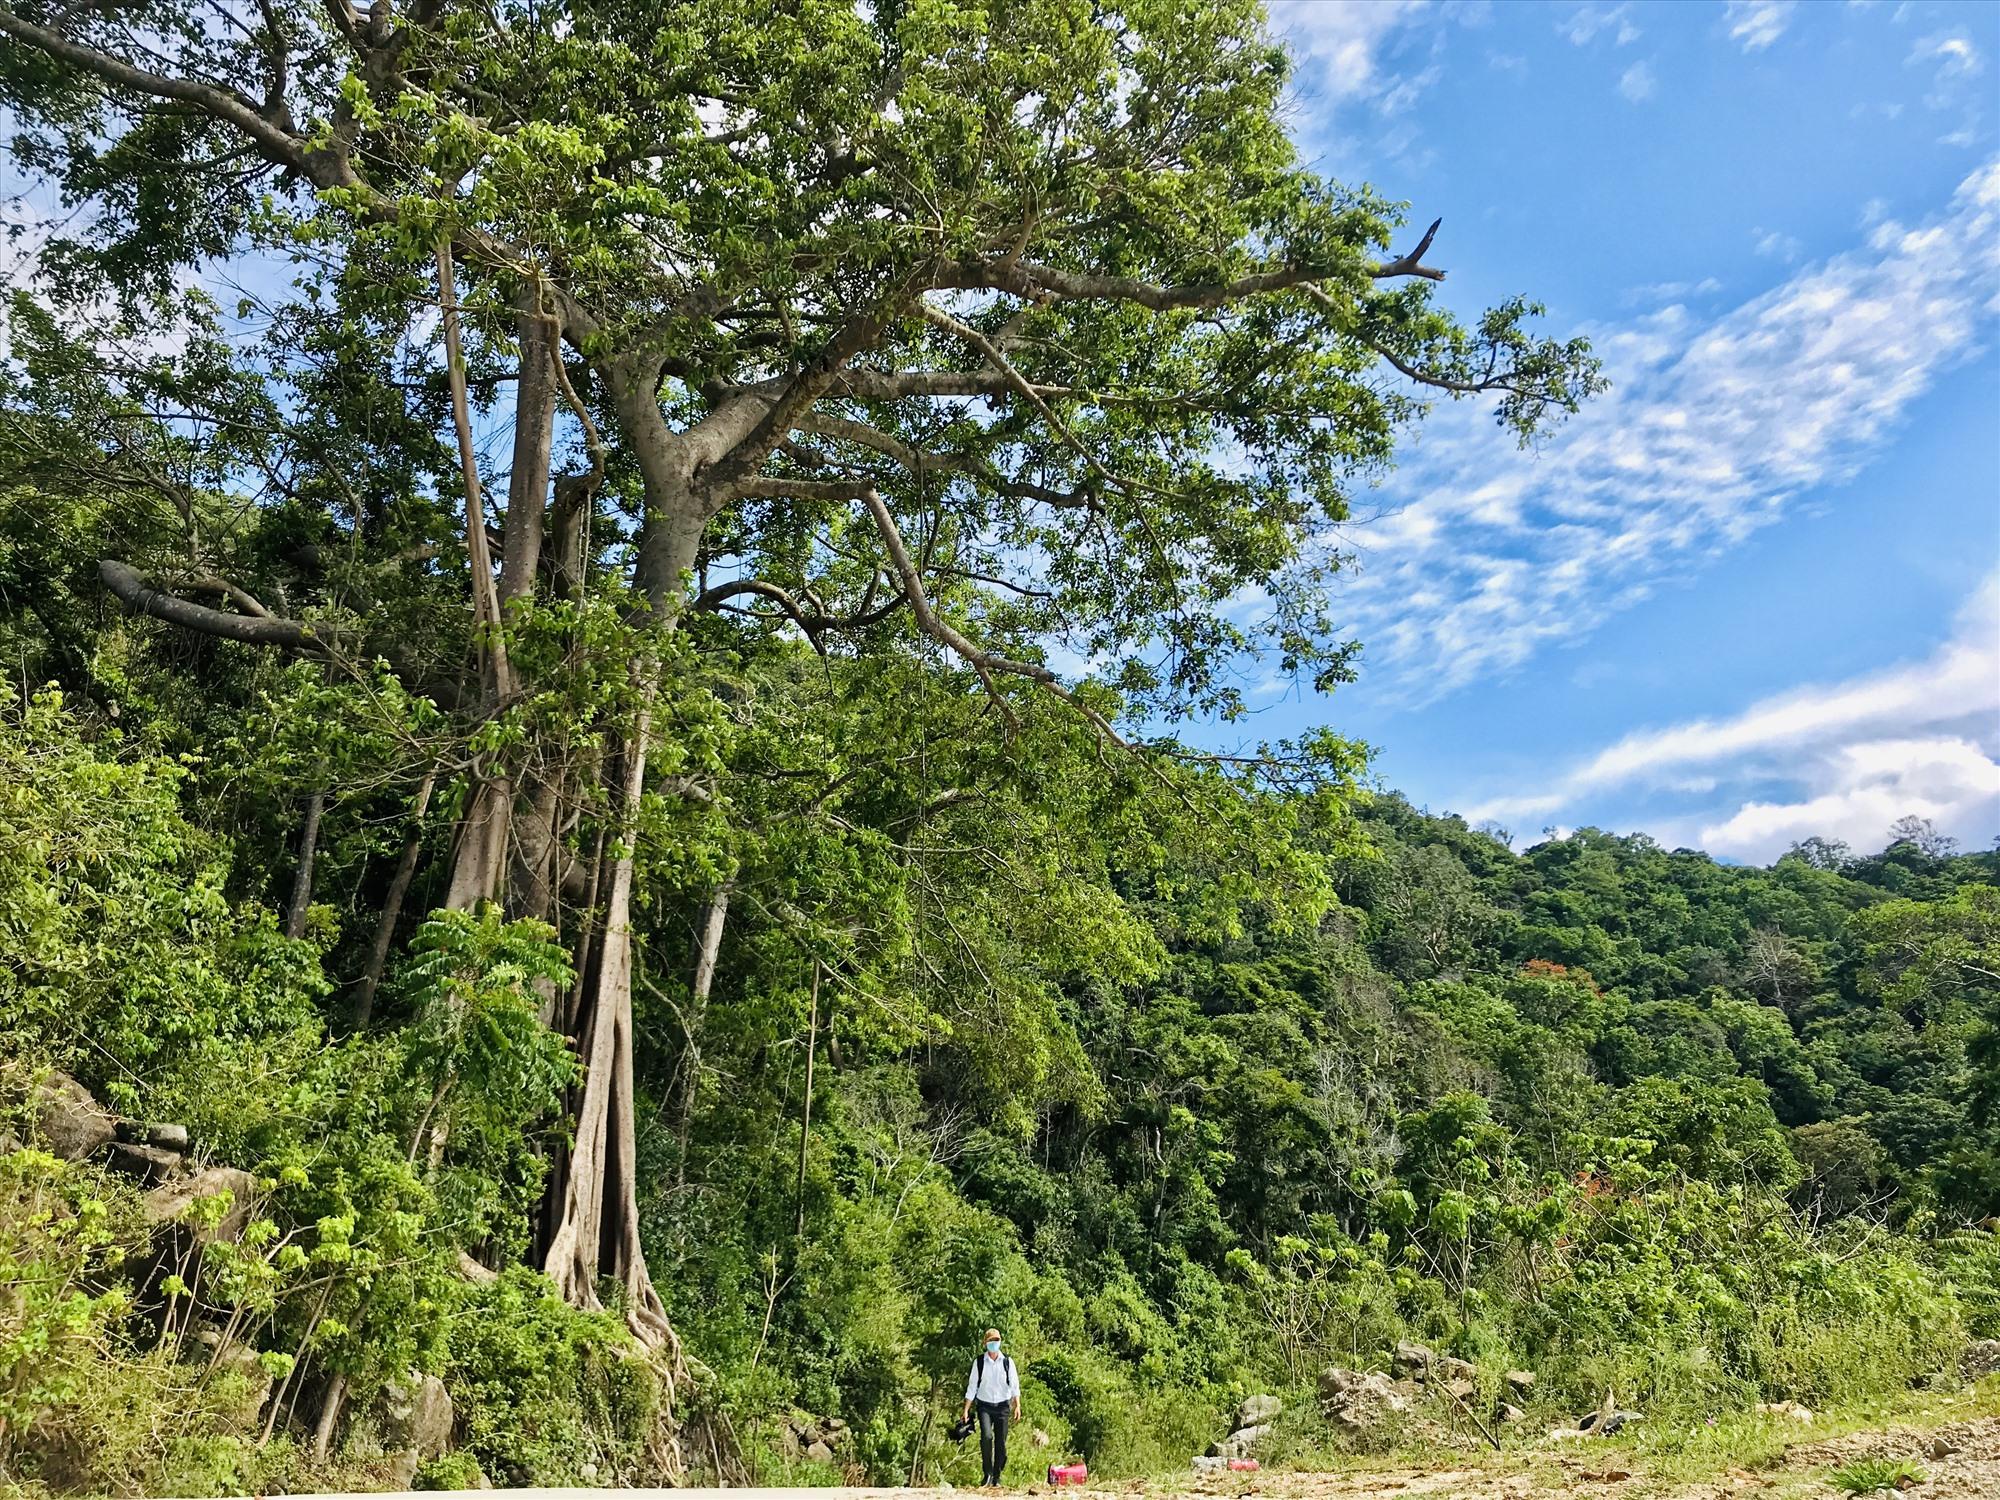 Khu vực xung quanh cây đa di sản 700 tuổi sẽ được chỉnh trang trở thành một điểm dừng chân độc đáo. Ảnh: Q.T